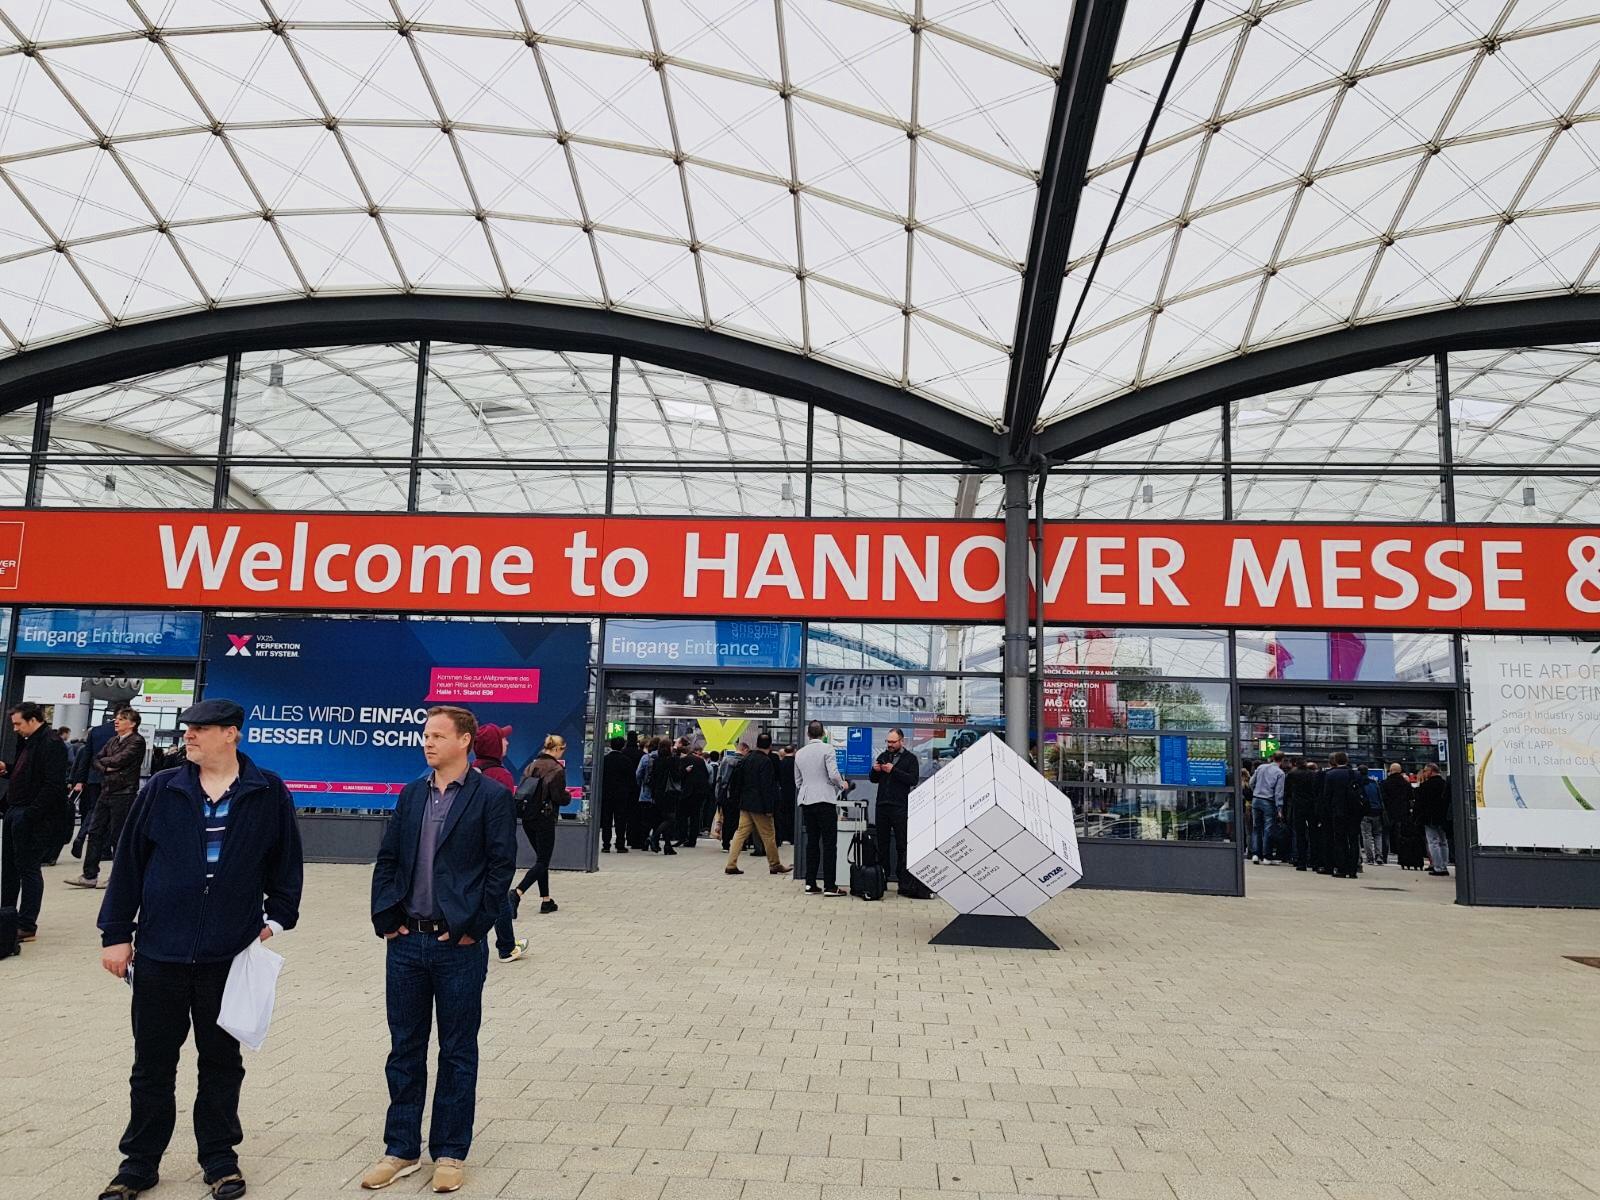 Hannover Messe 2018 Impression